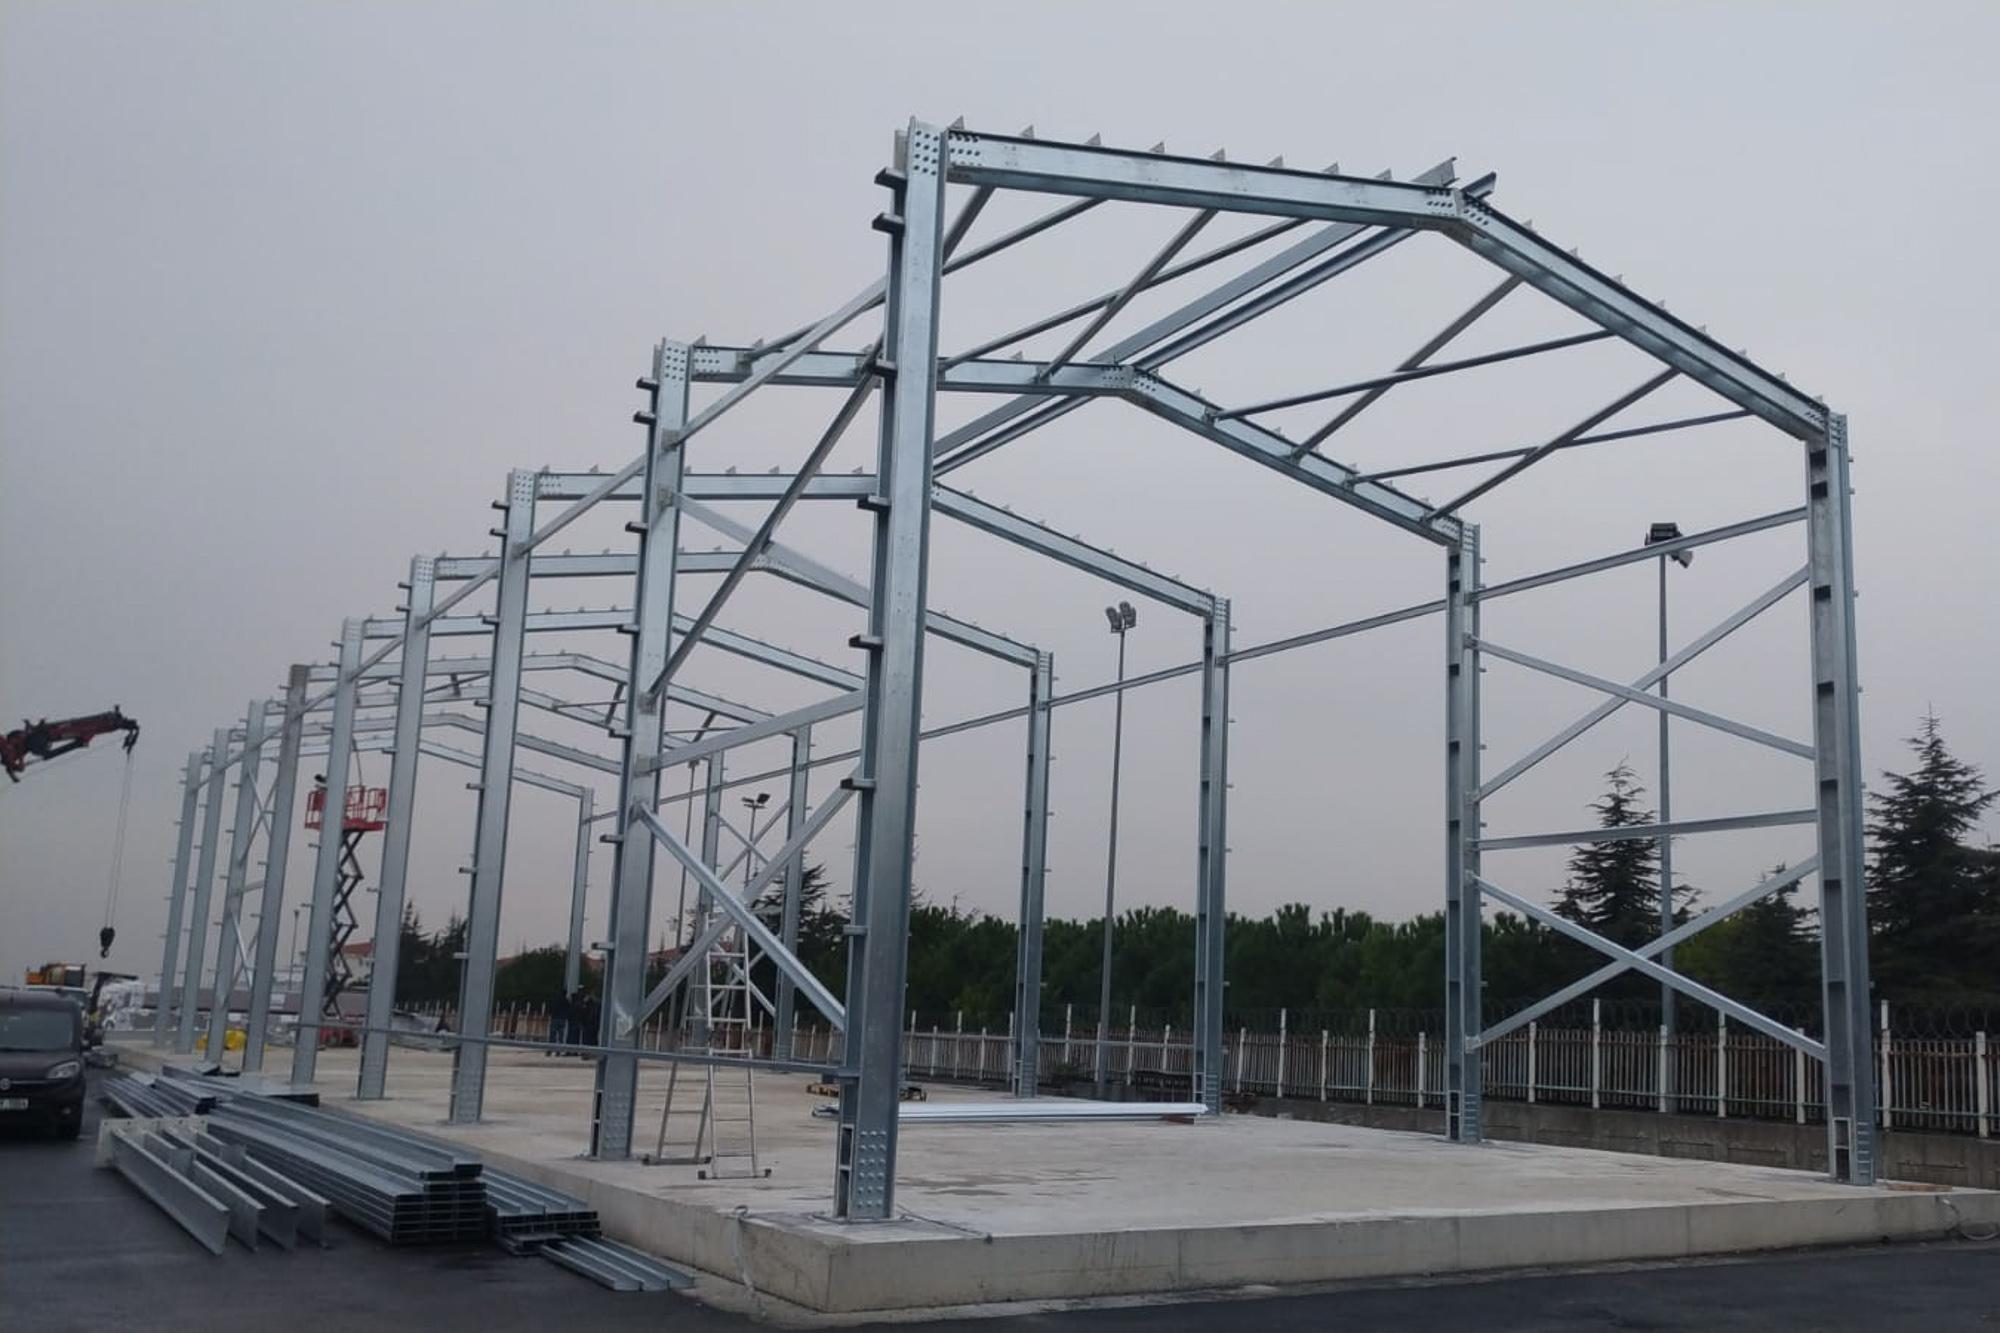 Aterko, prefabrik, konteyner, hafif çelik ve yapısal çelik ürünleri ile işin eksiksiz, sorunsuz ve tam zamanında teslim edilmesine odaklanır.